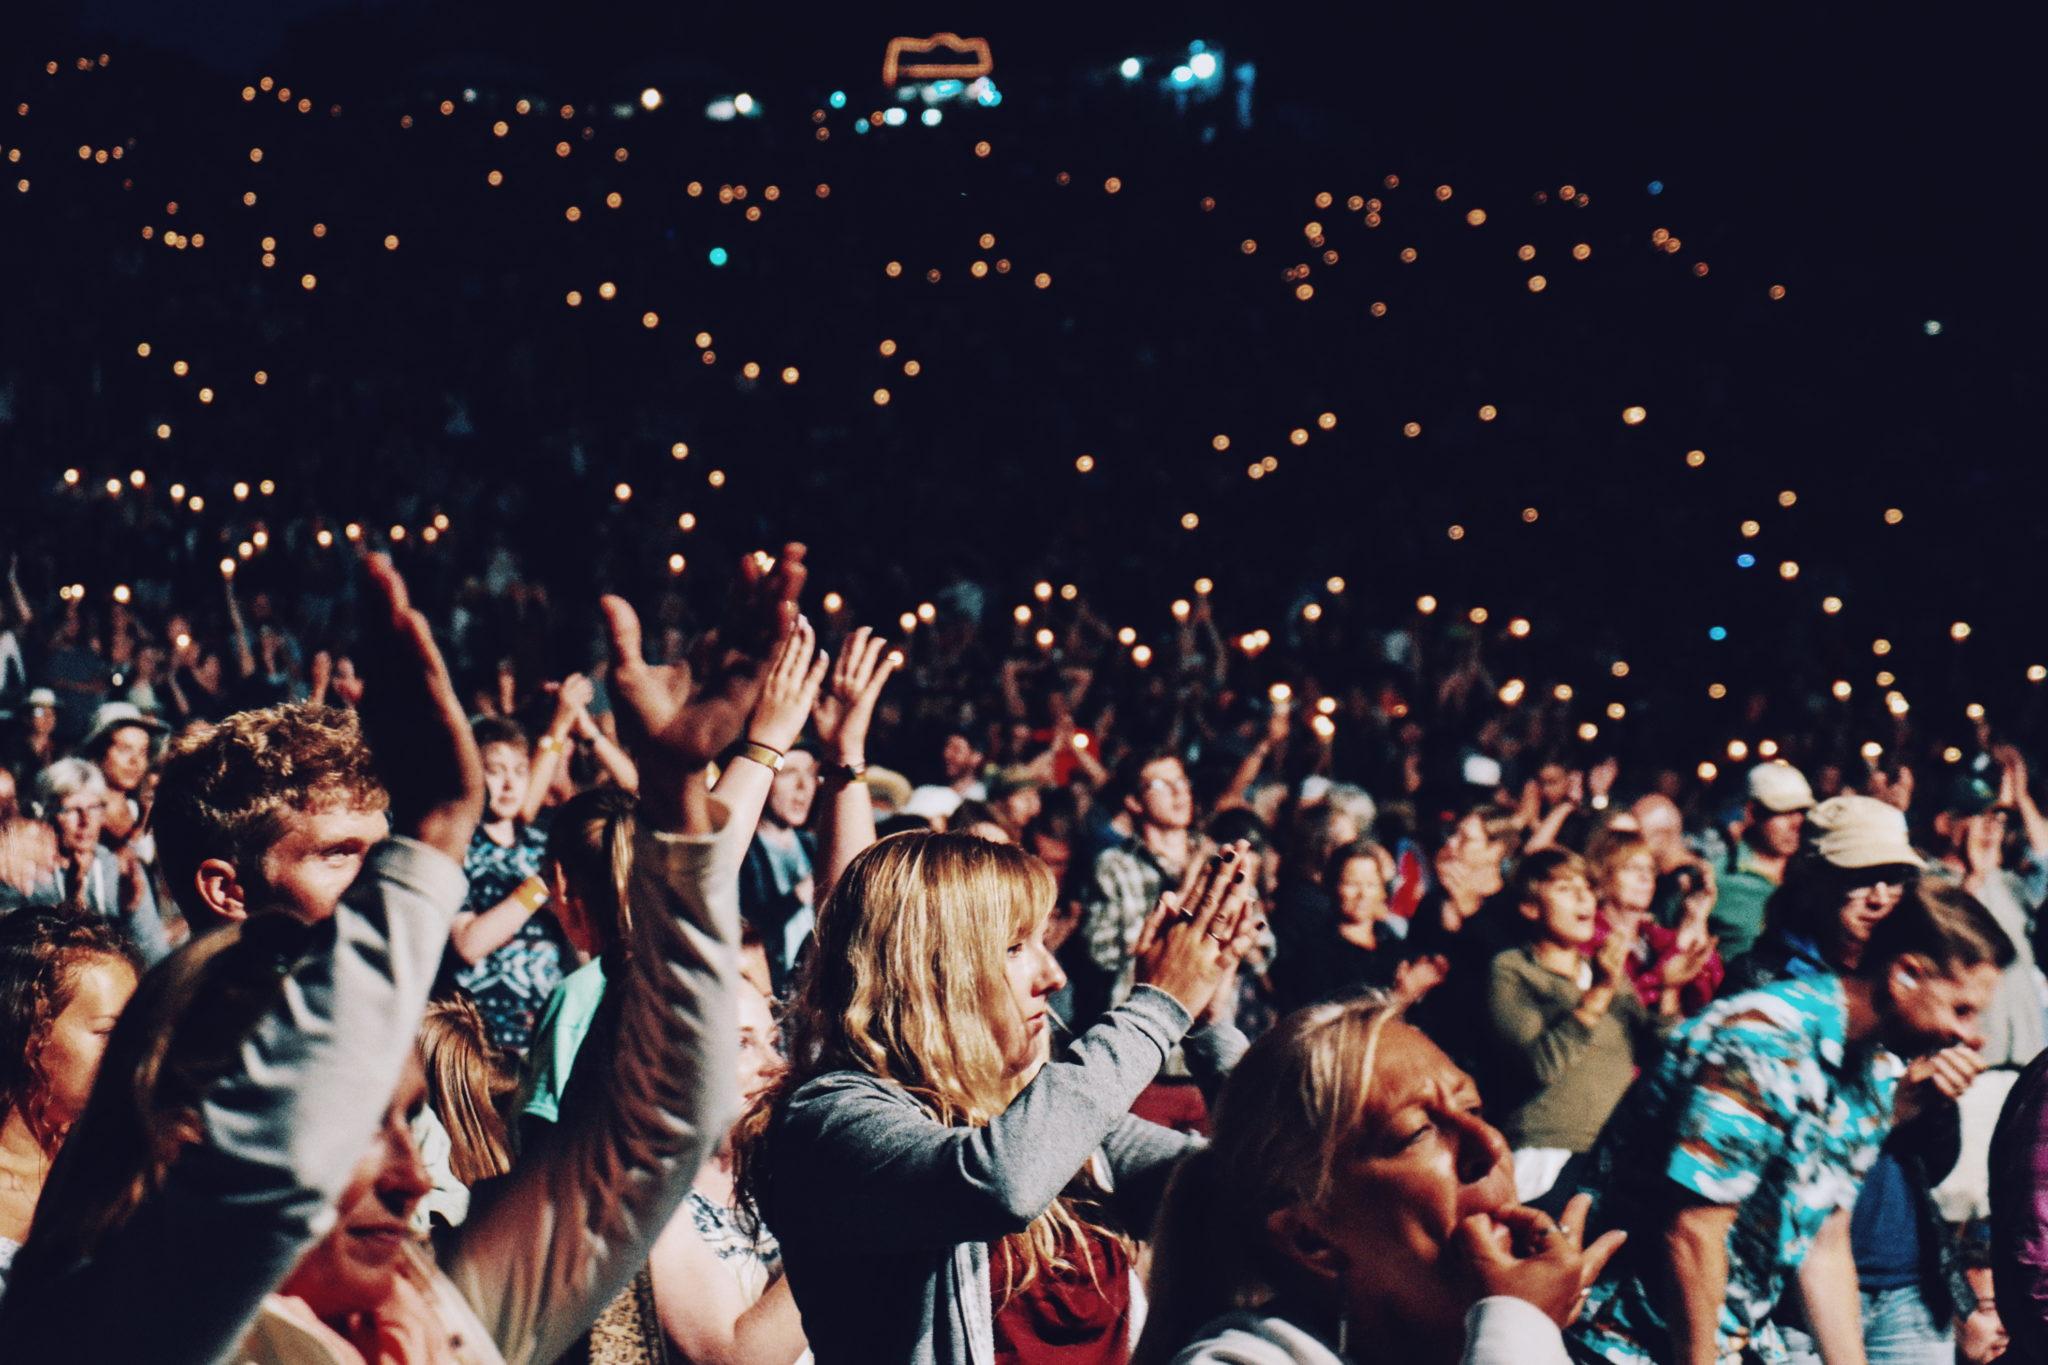 Zdjęcie przestawia tłum ludzi bawiących się w klubie